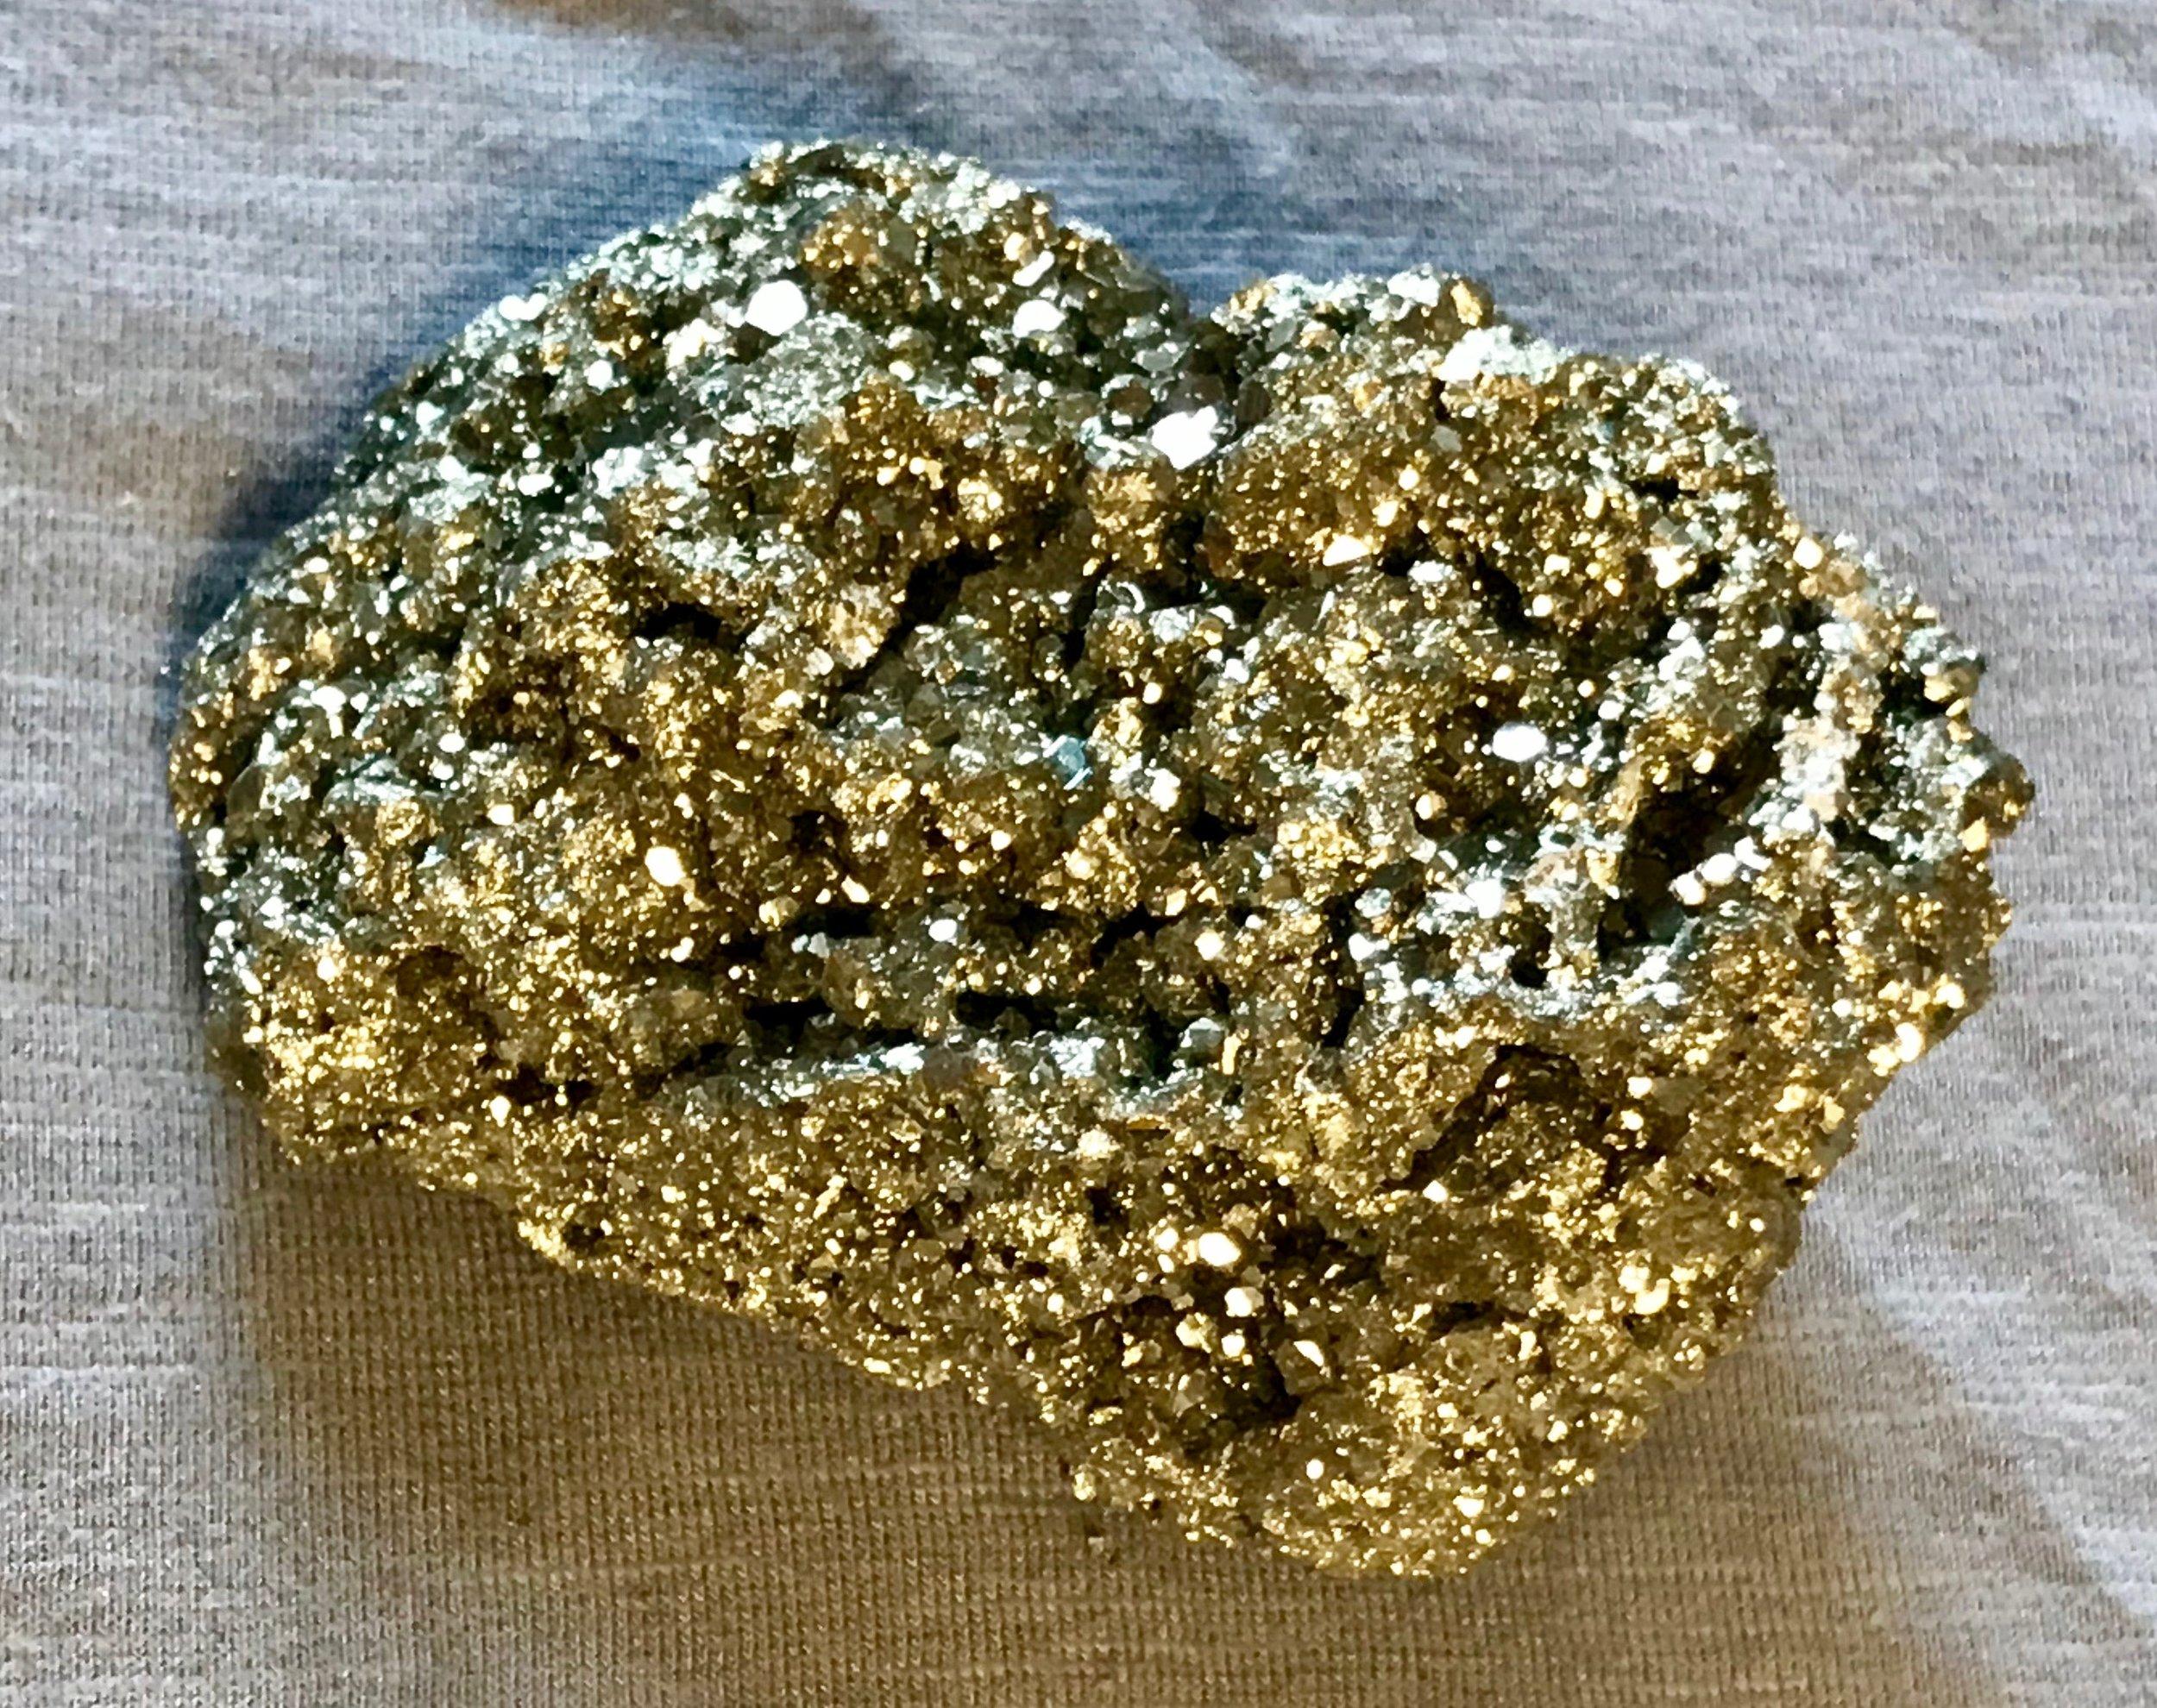 pyrite-cocada-photos-part2-05.jpg